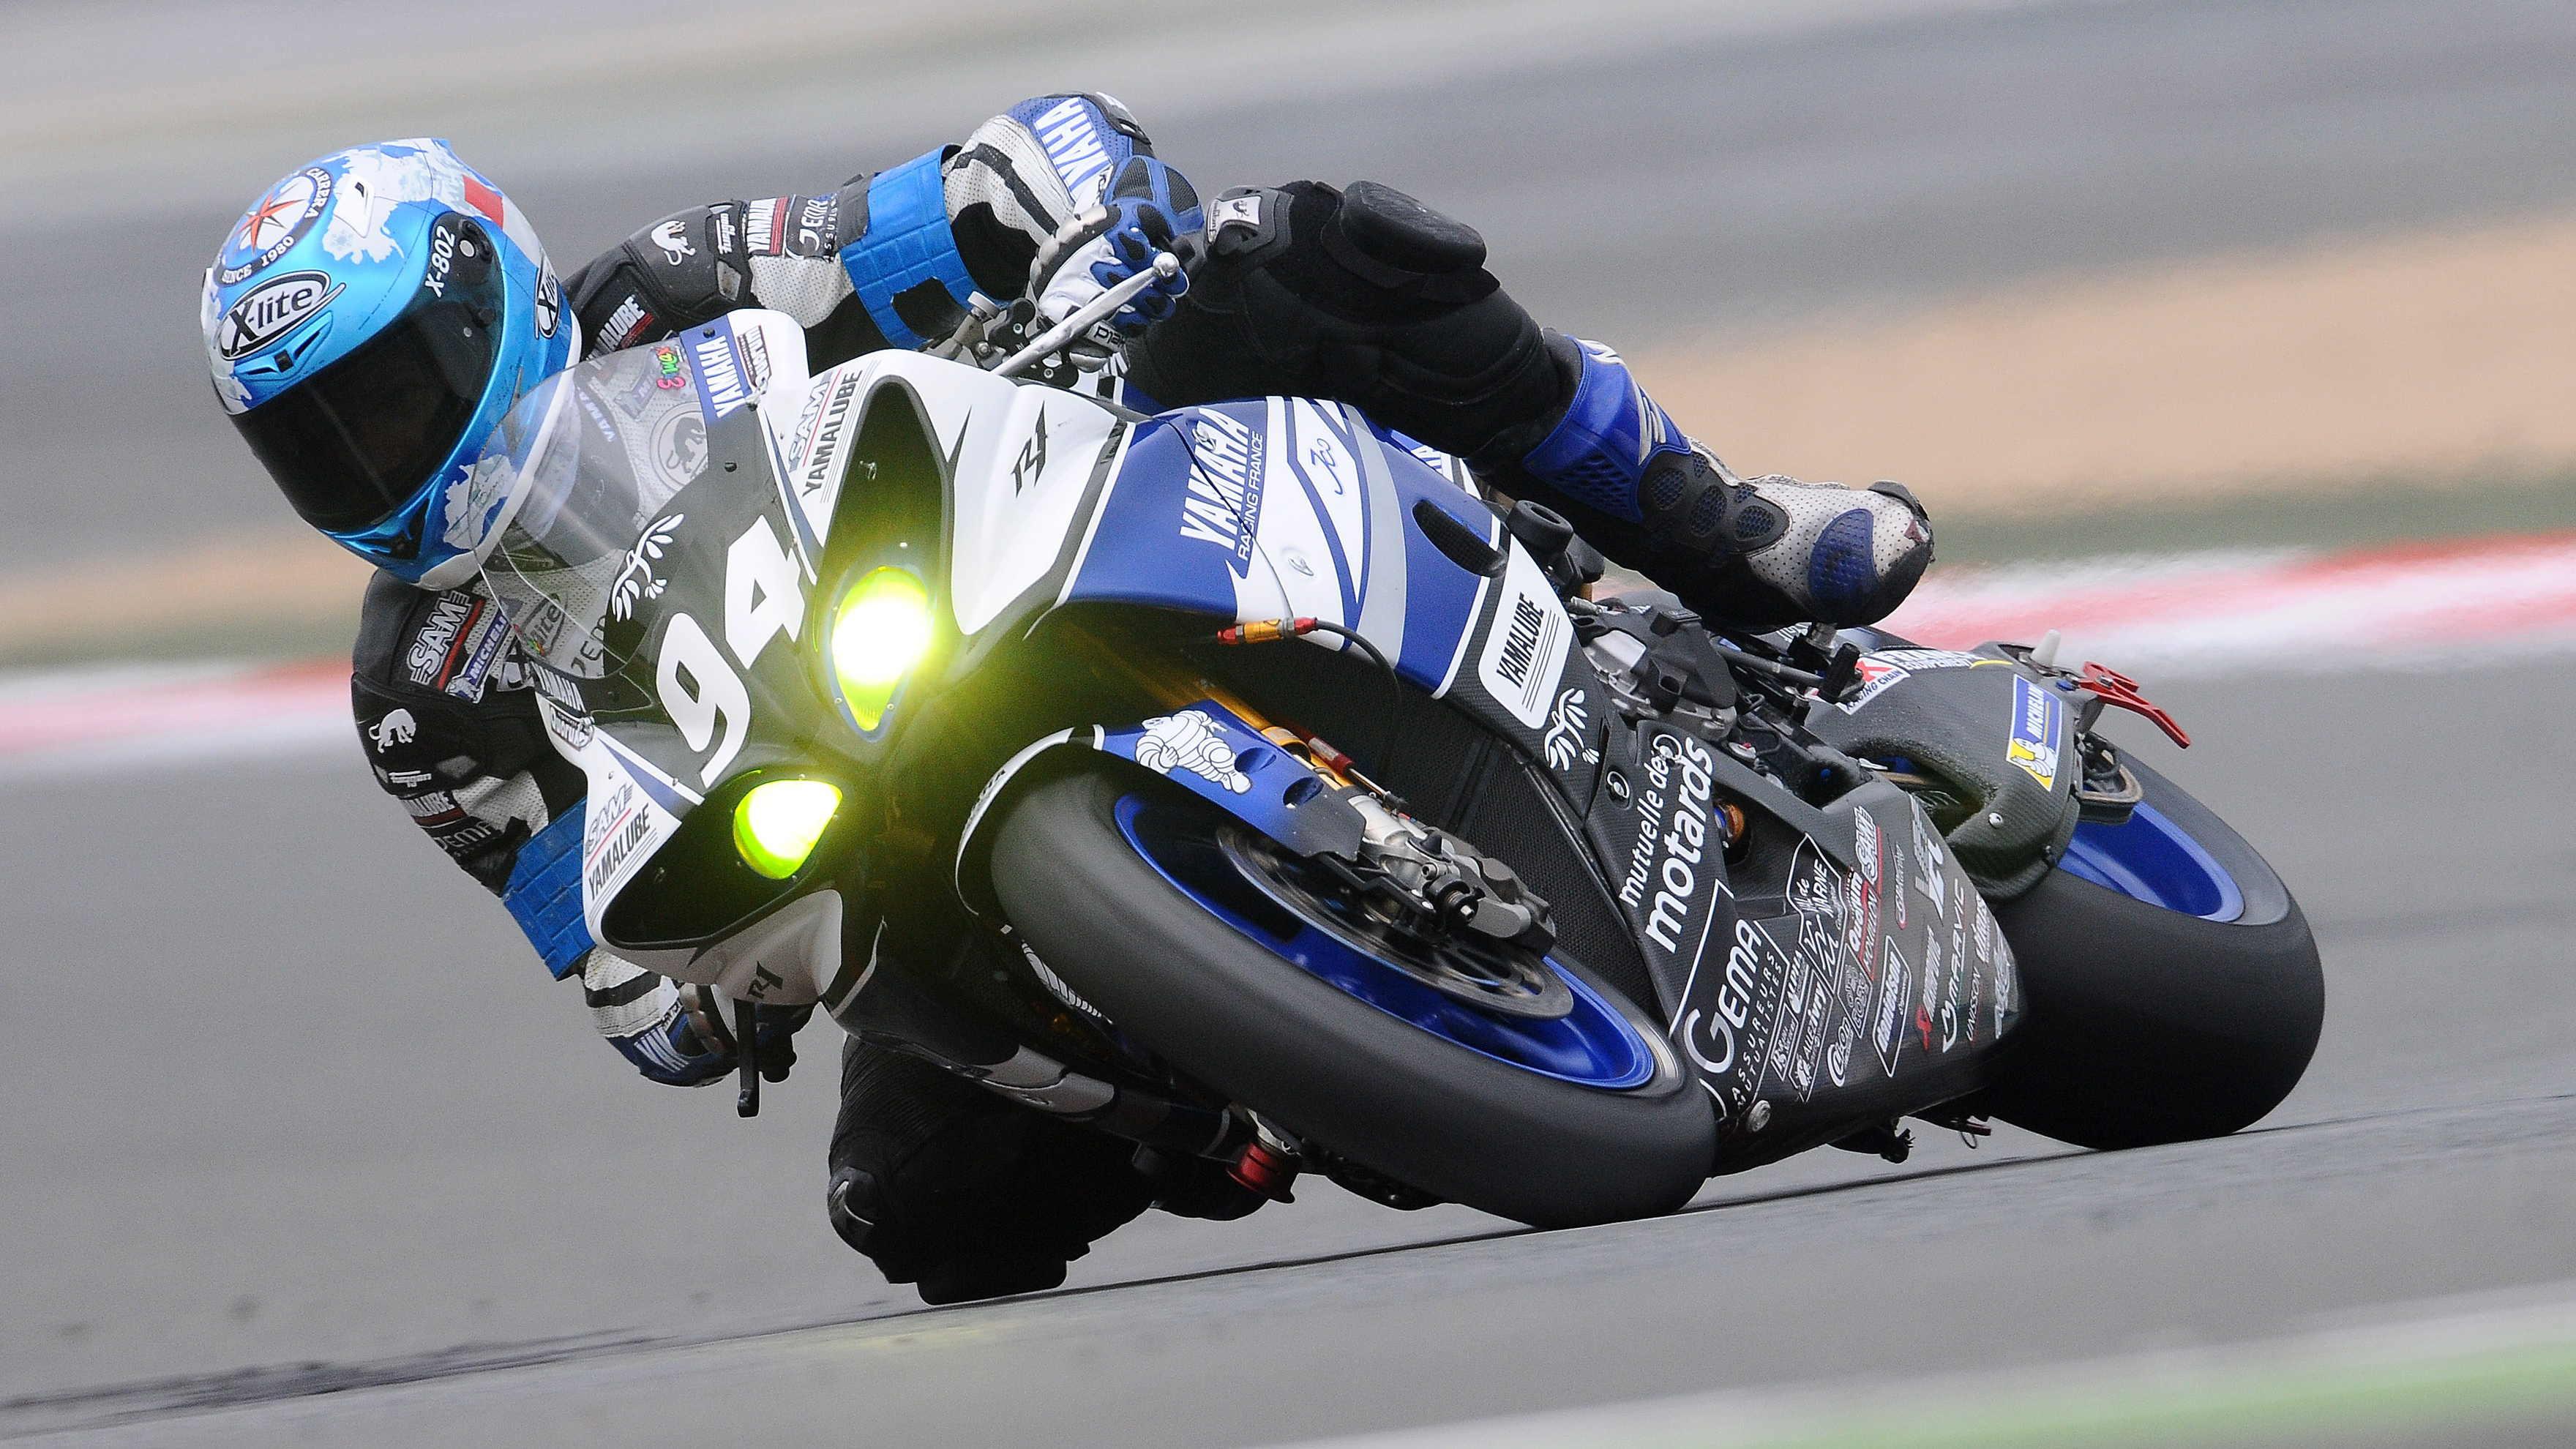 Motorrad-Motorsport